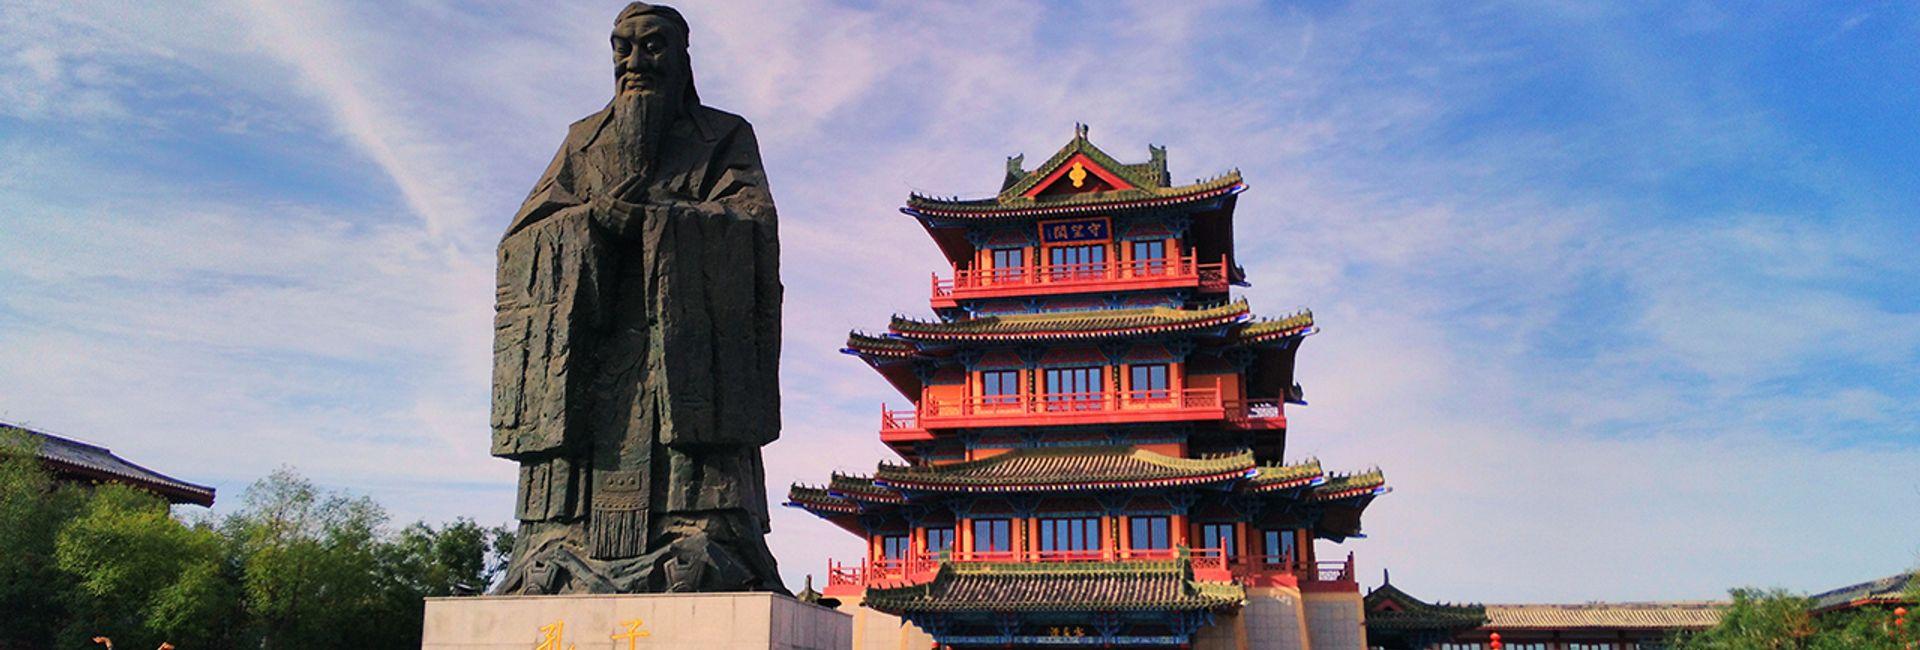 Top 6 địa điểm du lịch nổi bật nhất Trịnh Châu, Trung Quốc